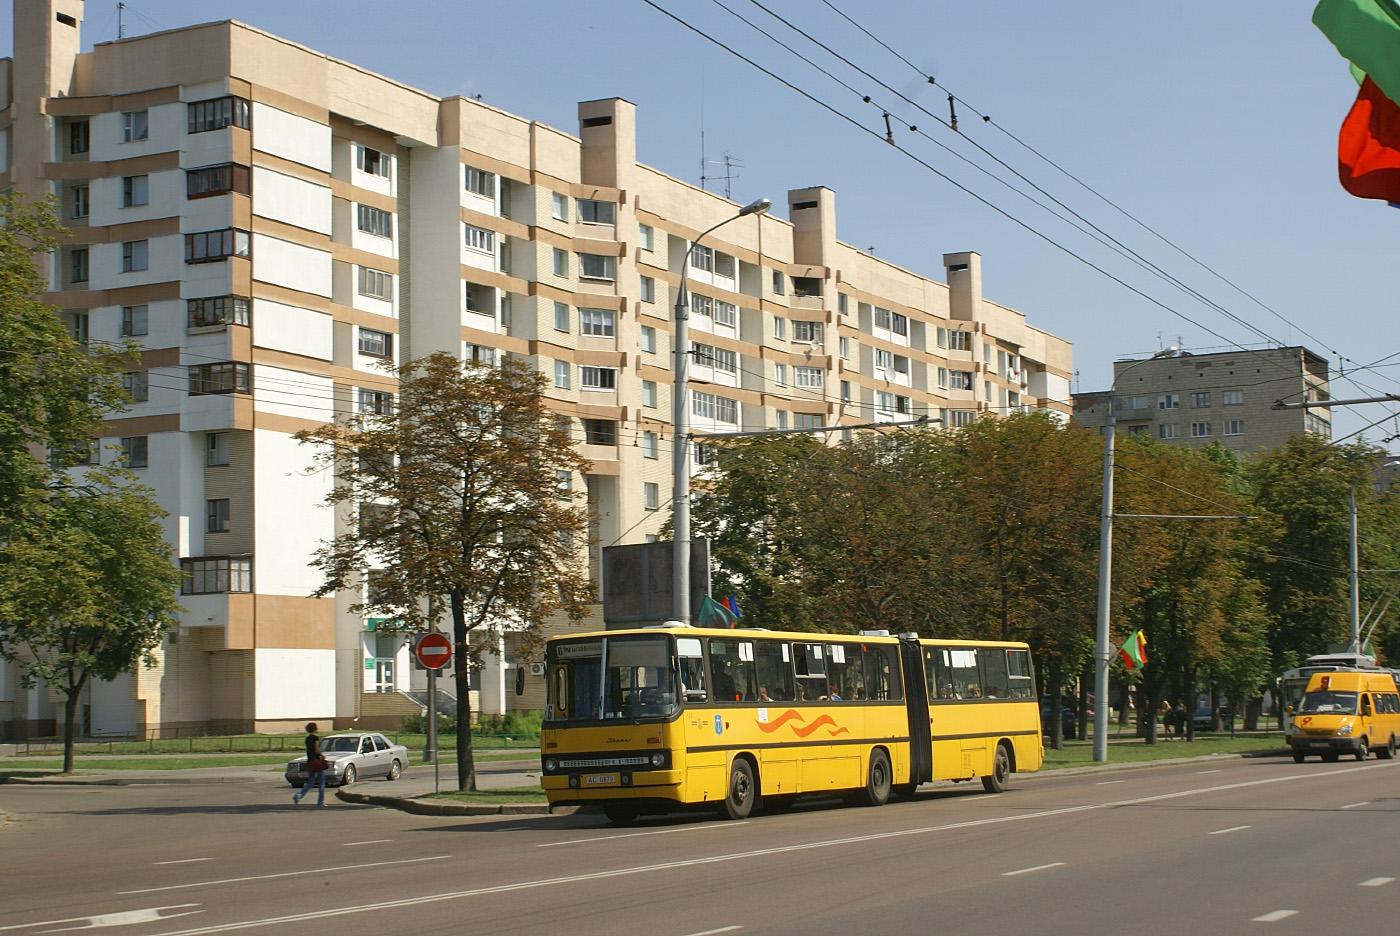 Ikarus-280 #АС 0879. Білорусь, Брест